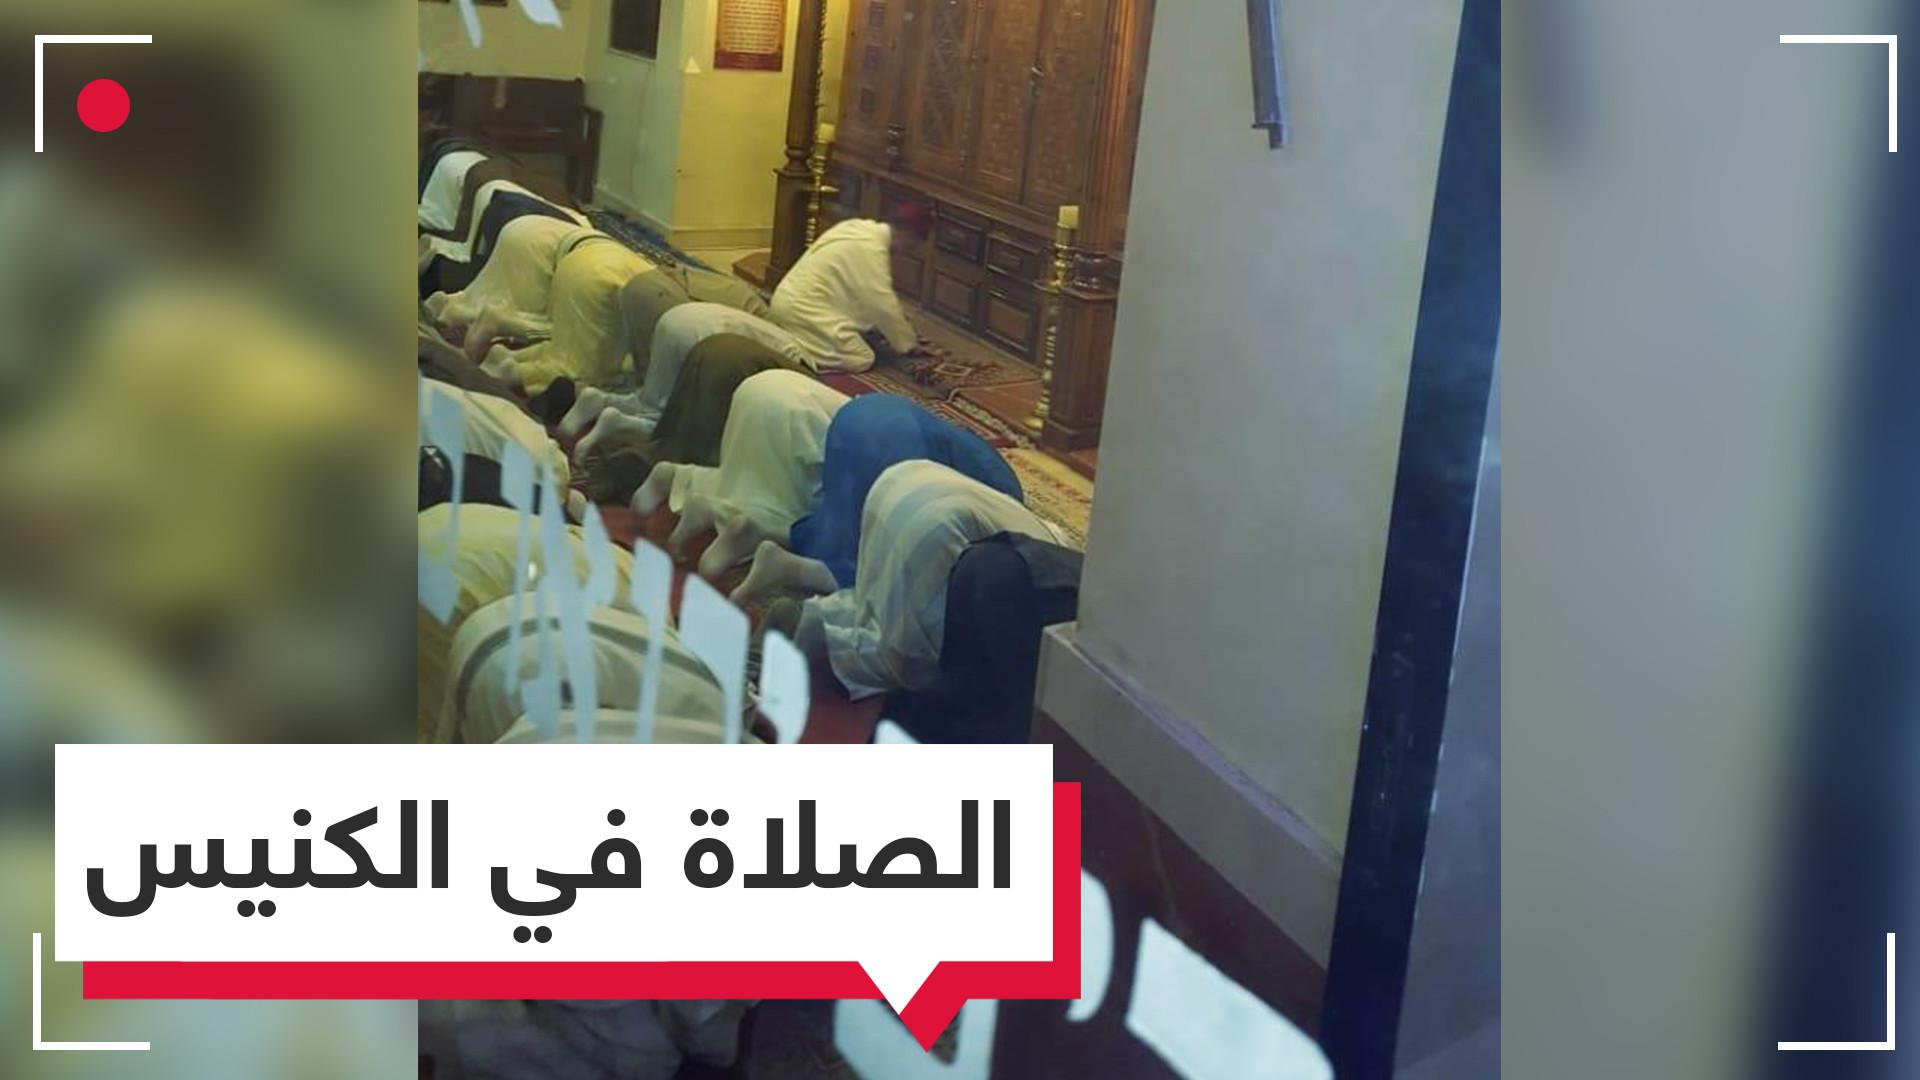 فيديو مثير للجدل.. مسلمون يؤدون صلاتهم داخل كنيس في المغرب